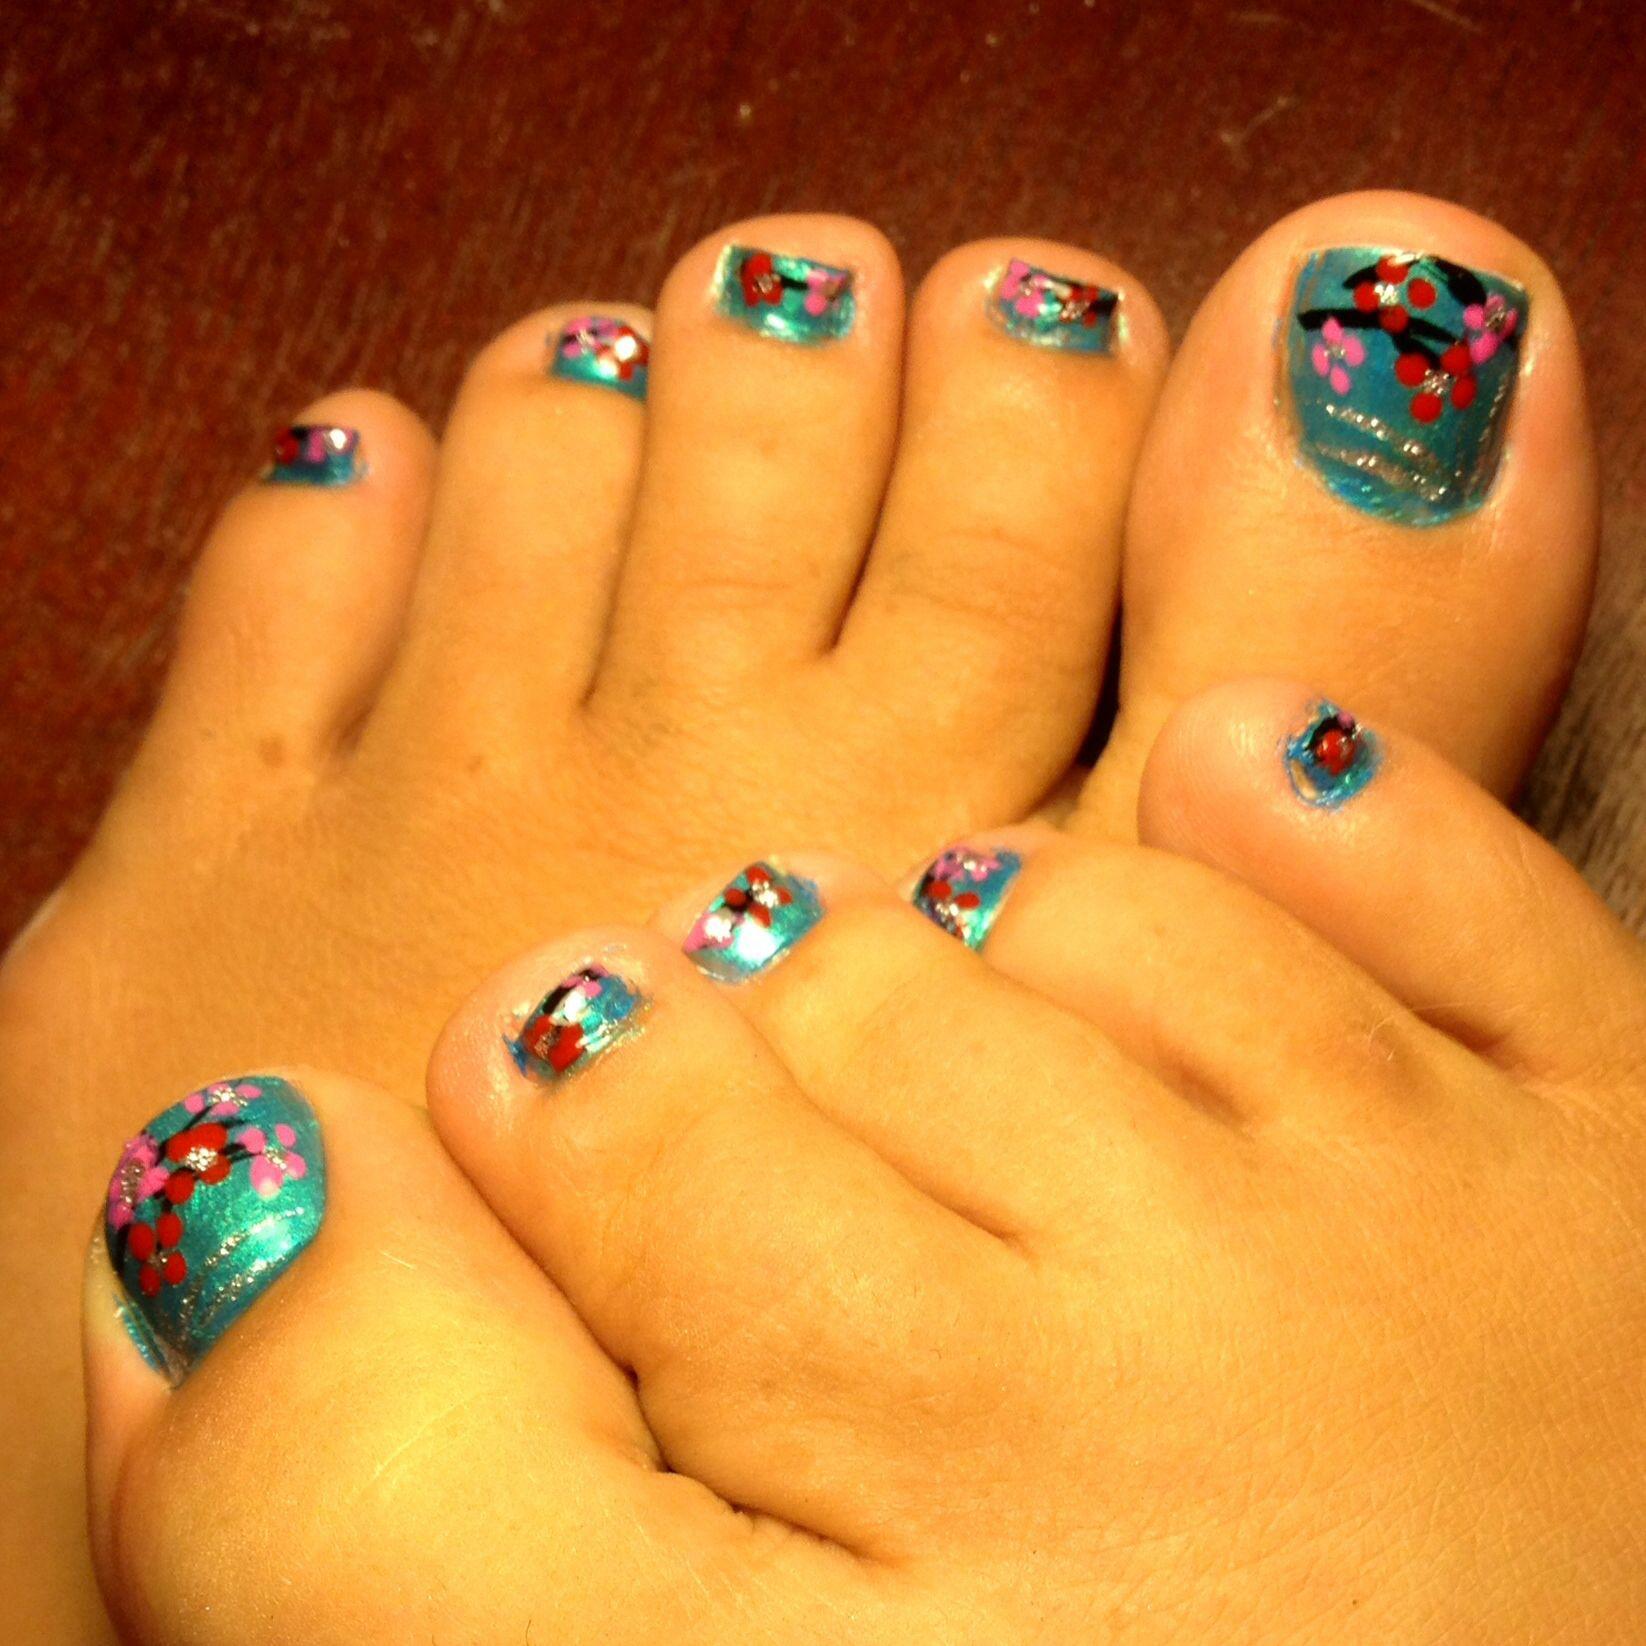 diy pedicure toe nail art. beauty